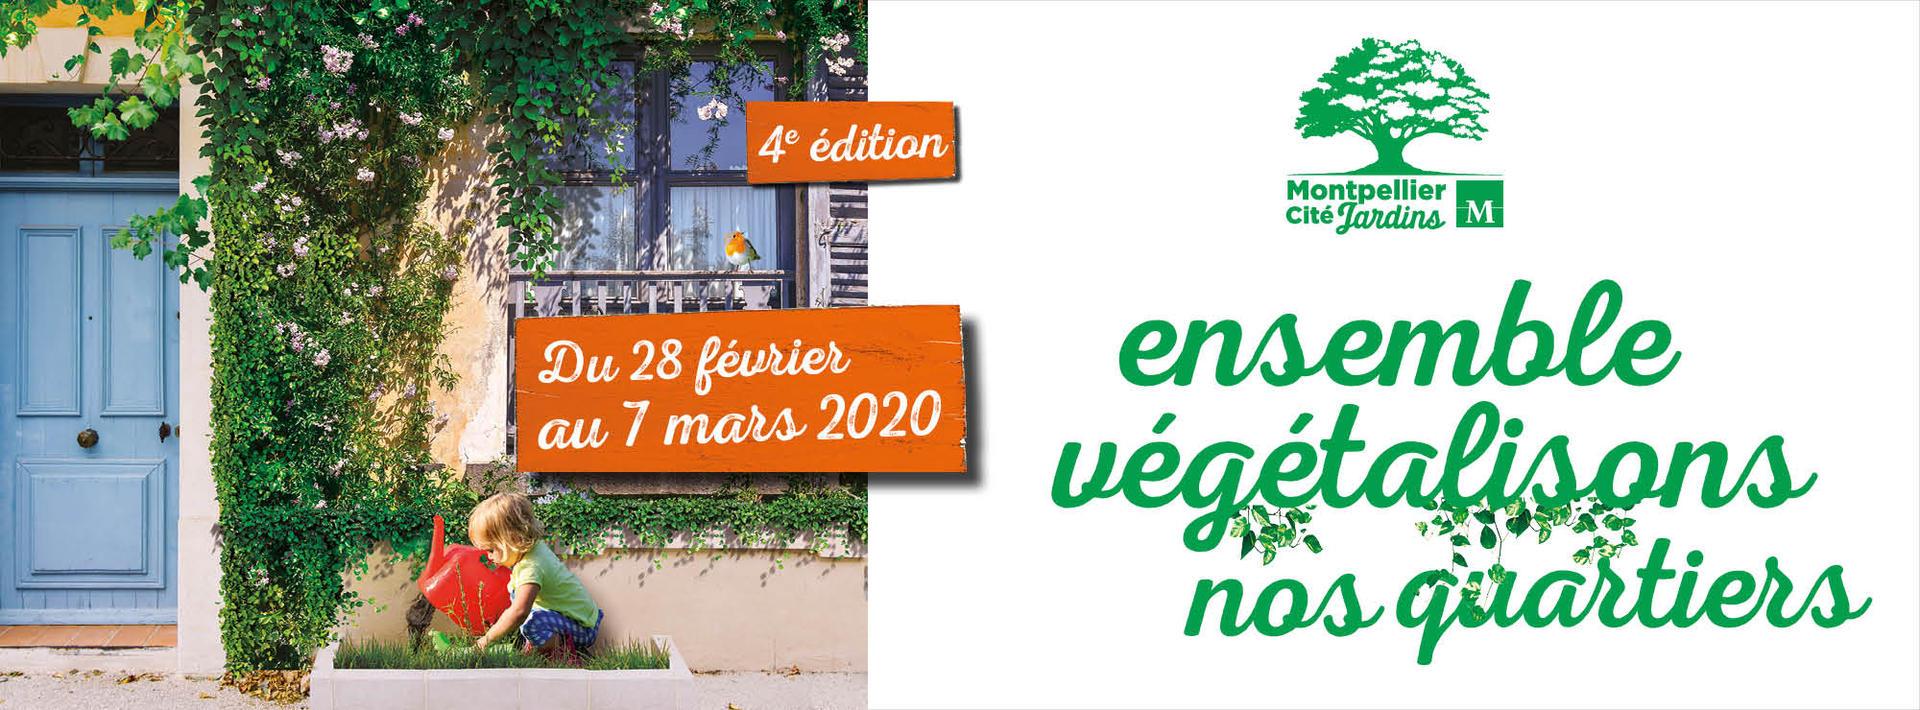 Le Jardin Des Plantes Montpellier Génial Montpellier Cité Jardins Ville De Montpellier Of 67 Unique Le Jardin Des Plantes Montpellier